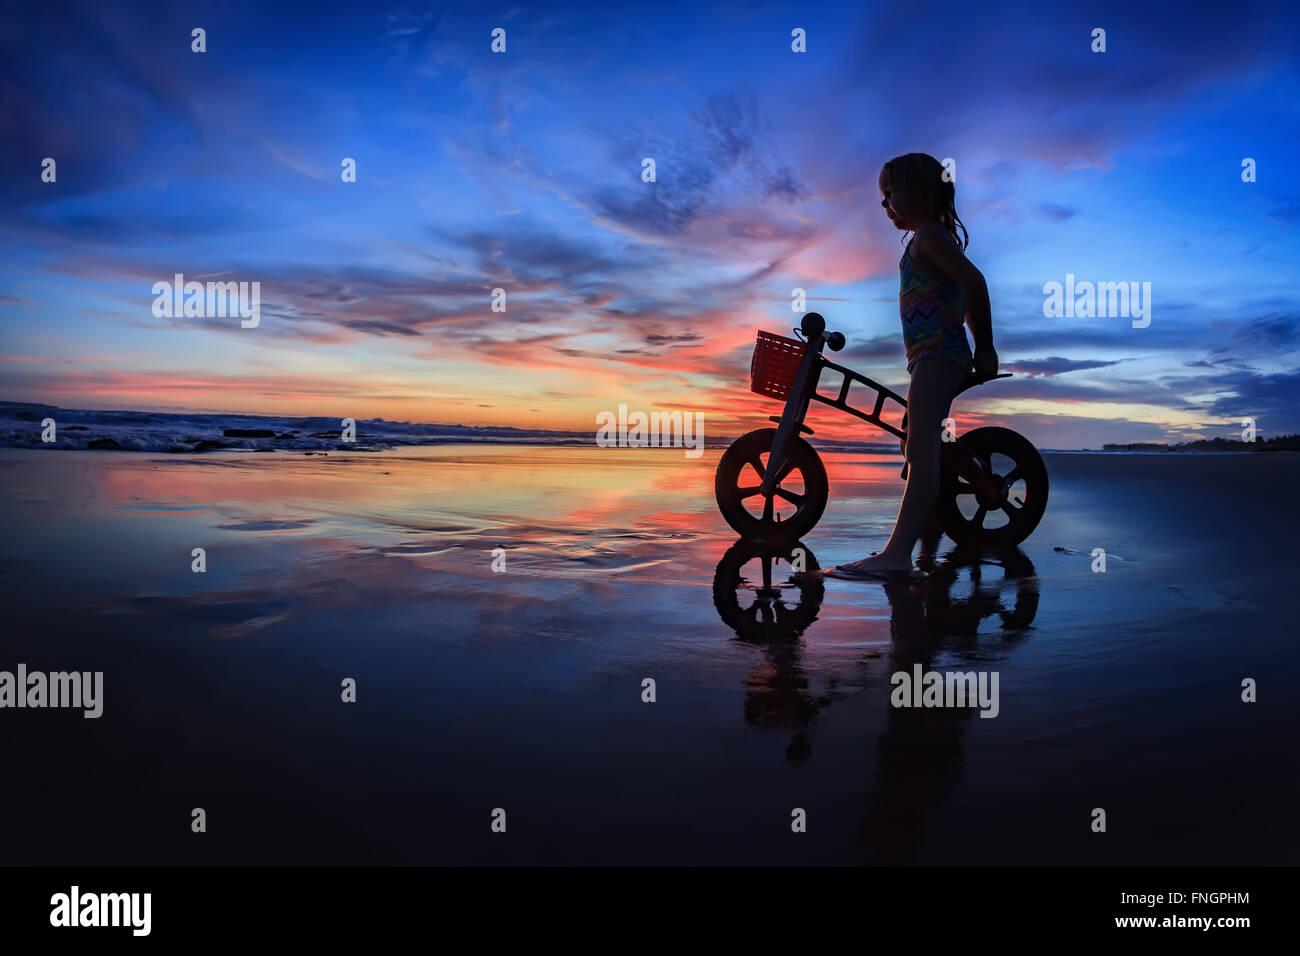 Silhouette noire du petit enfant - run bike rider debout sur le sable humide, regardez en mer et surf sunset sky coloré. Banque D'Images